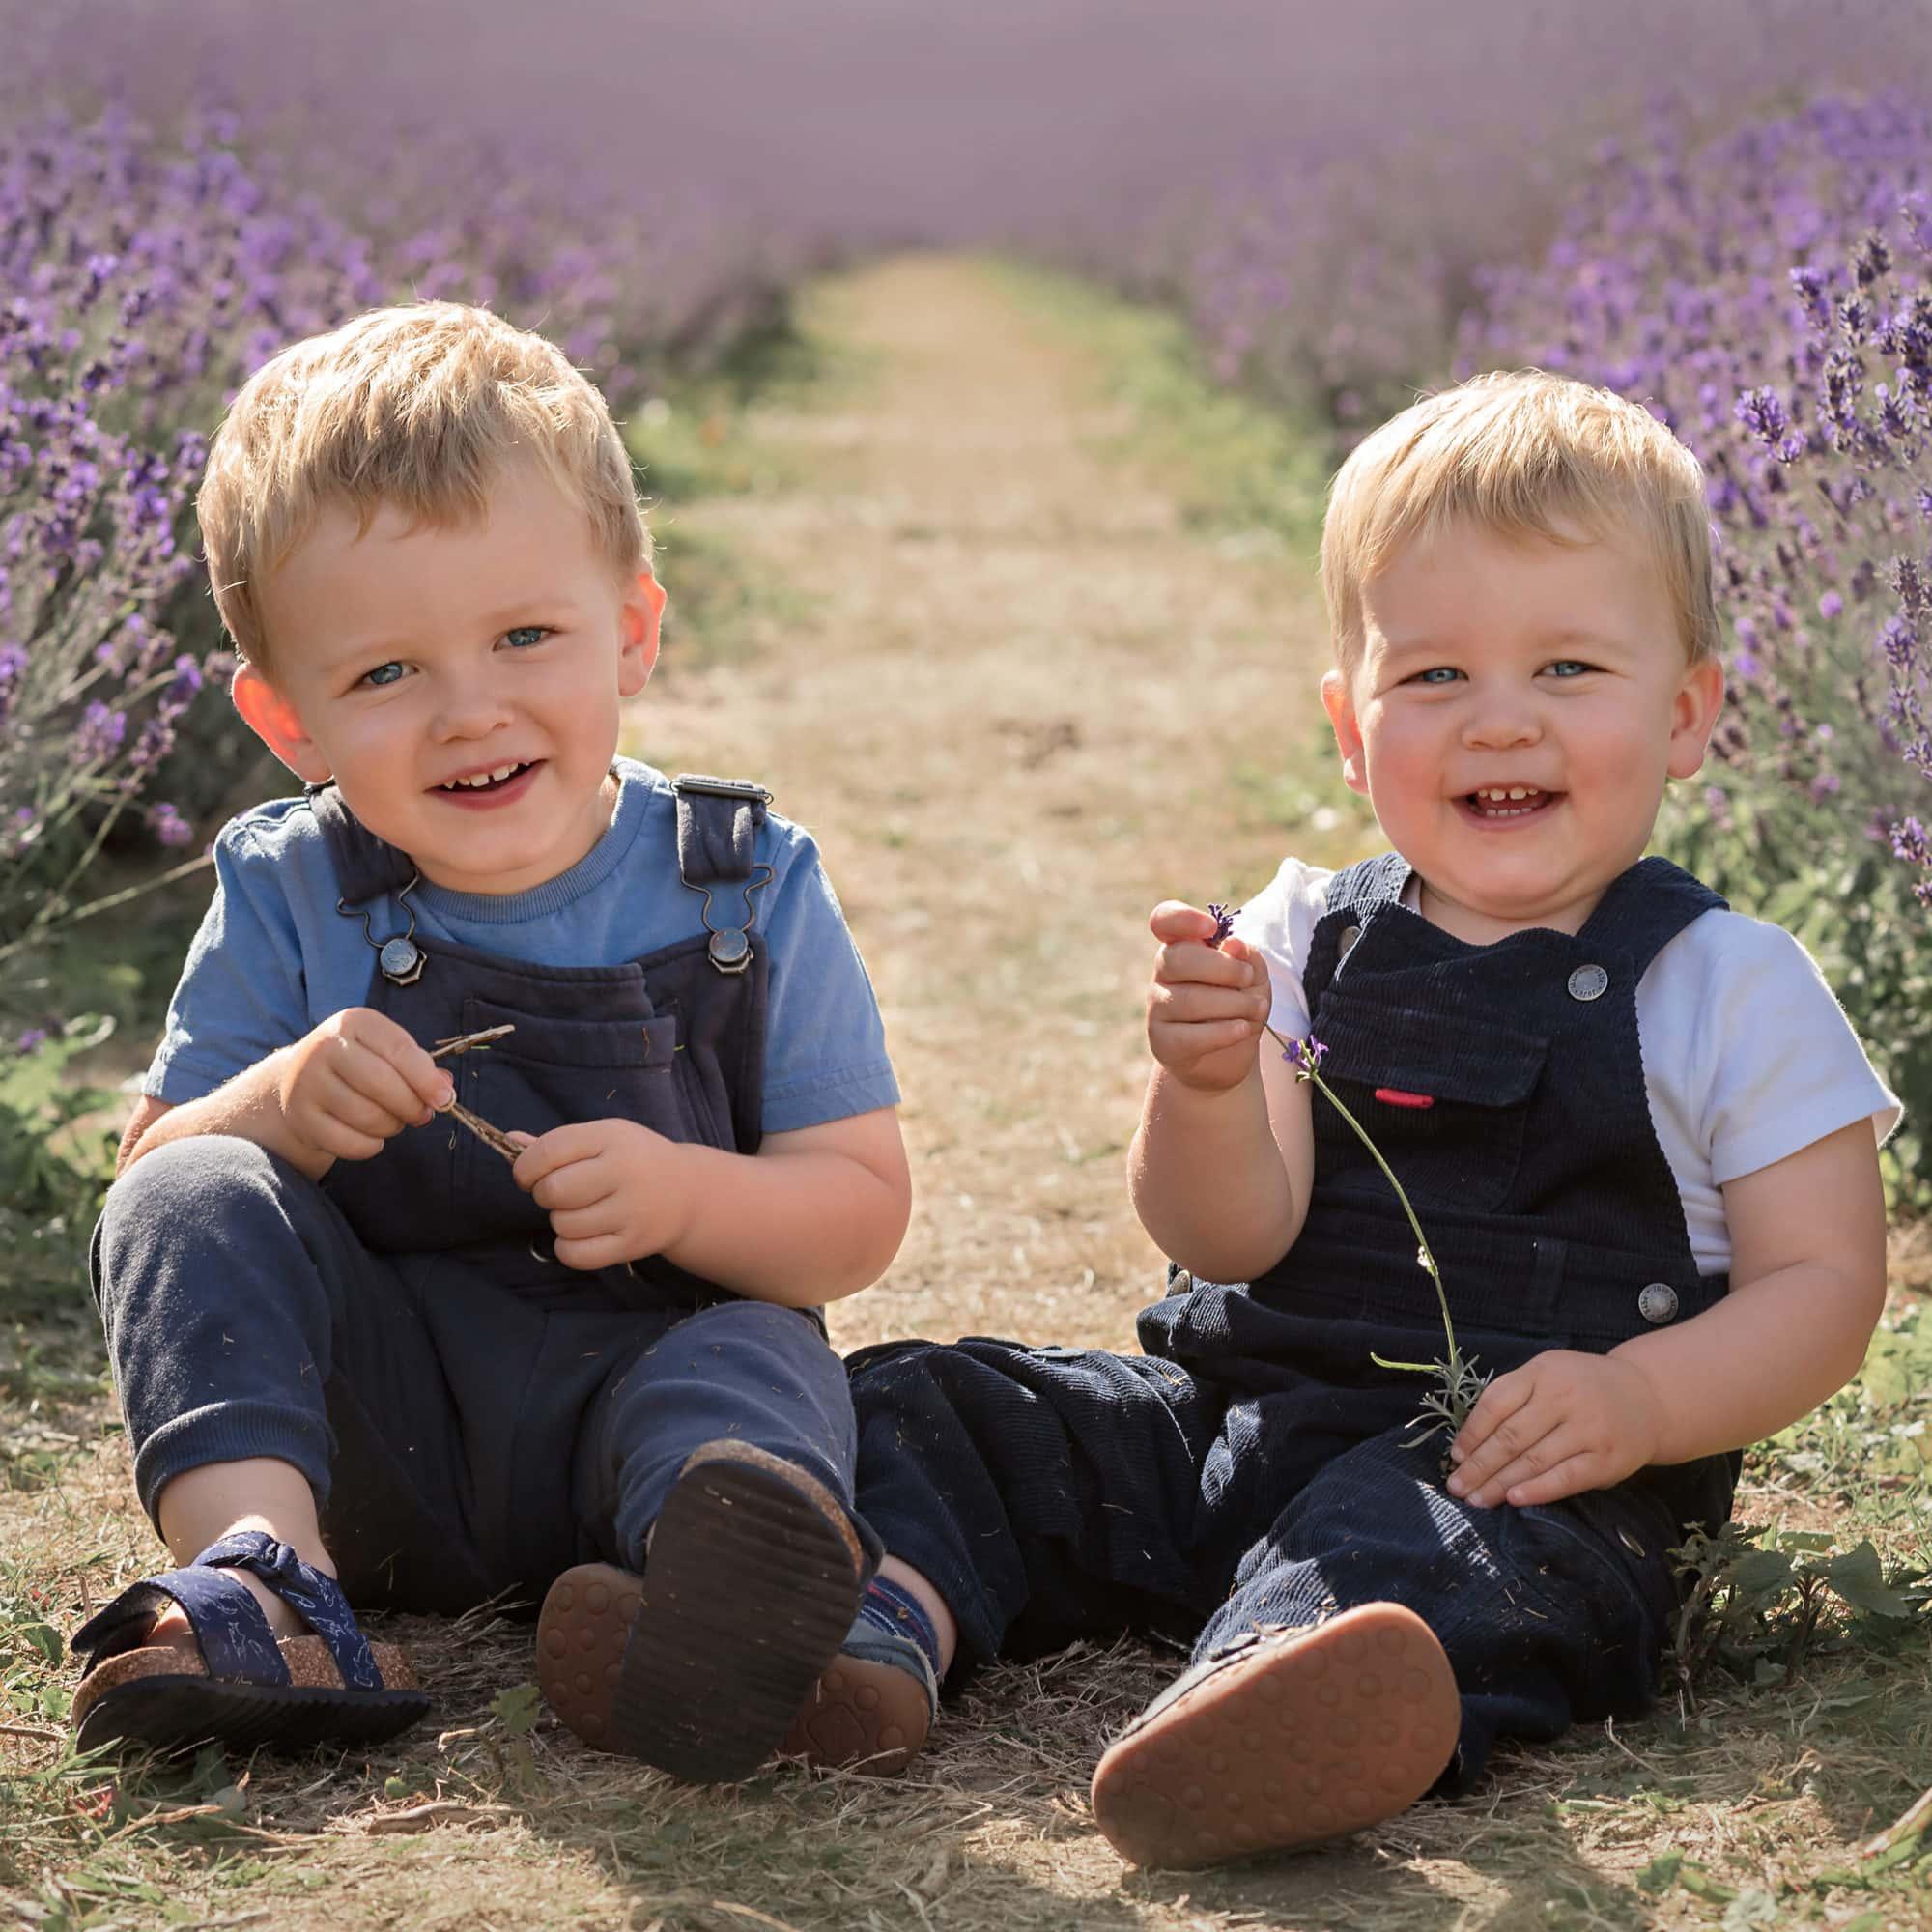 hurstpierpoint photographer boys sat in lavender fields square crop